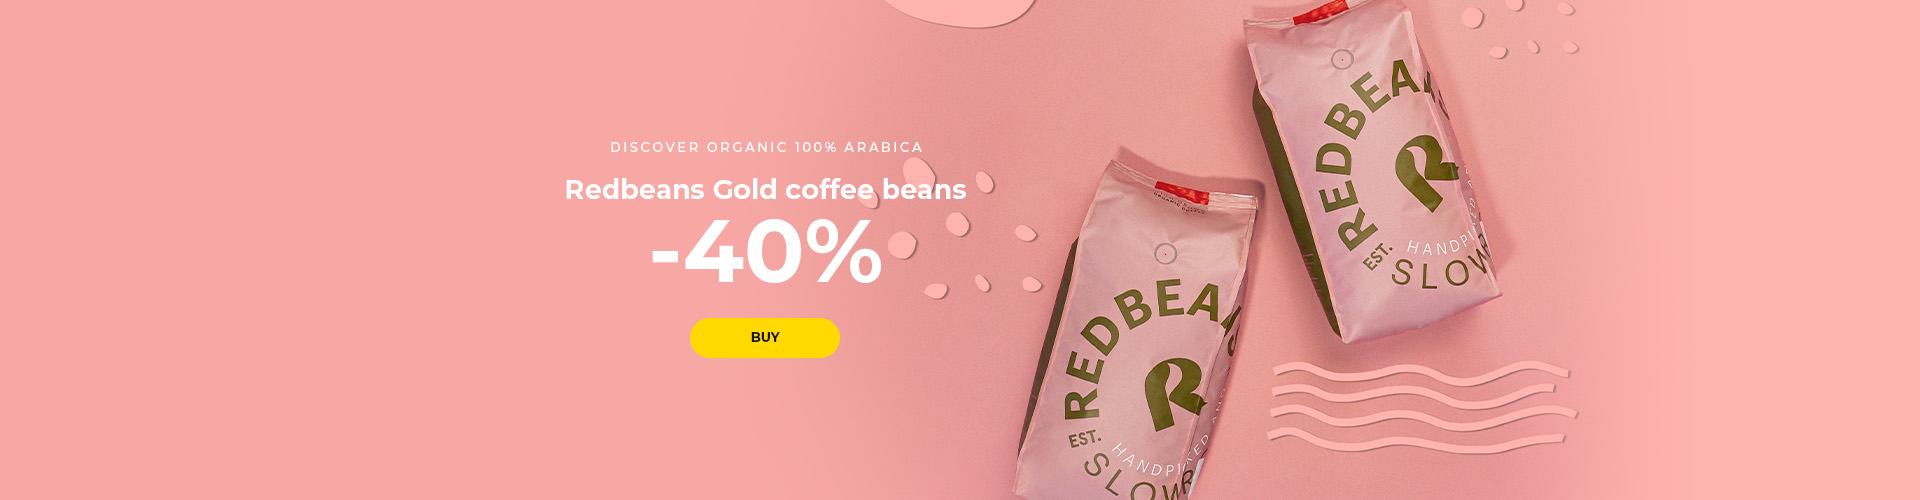 Redbeans Gold coffee beans -40%